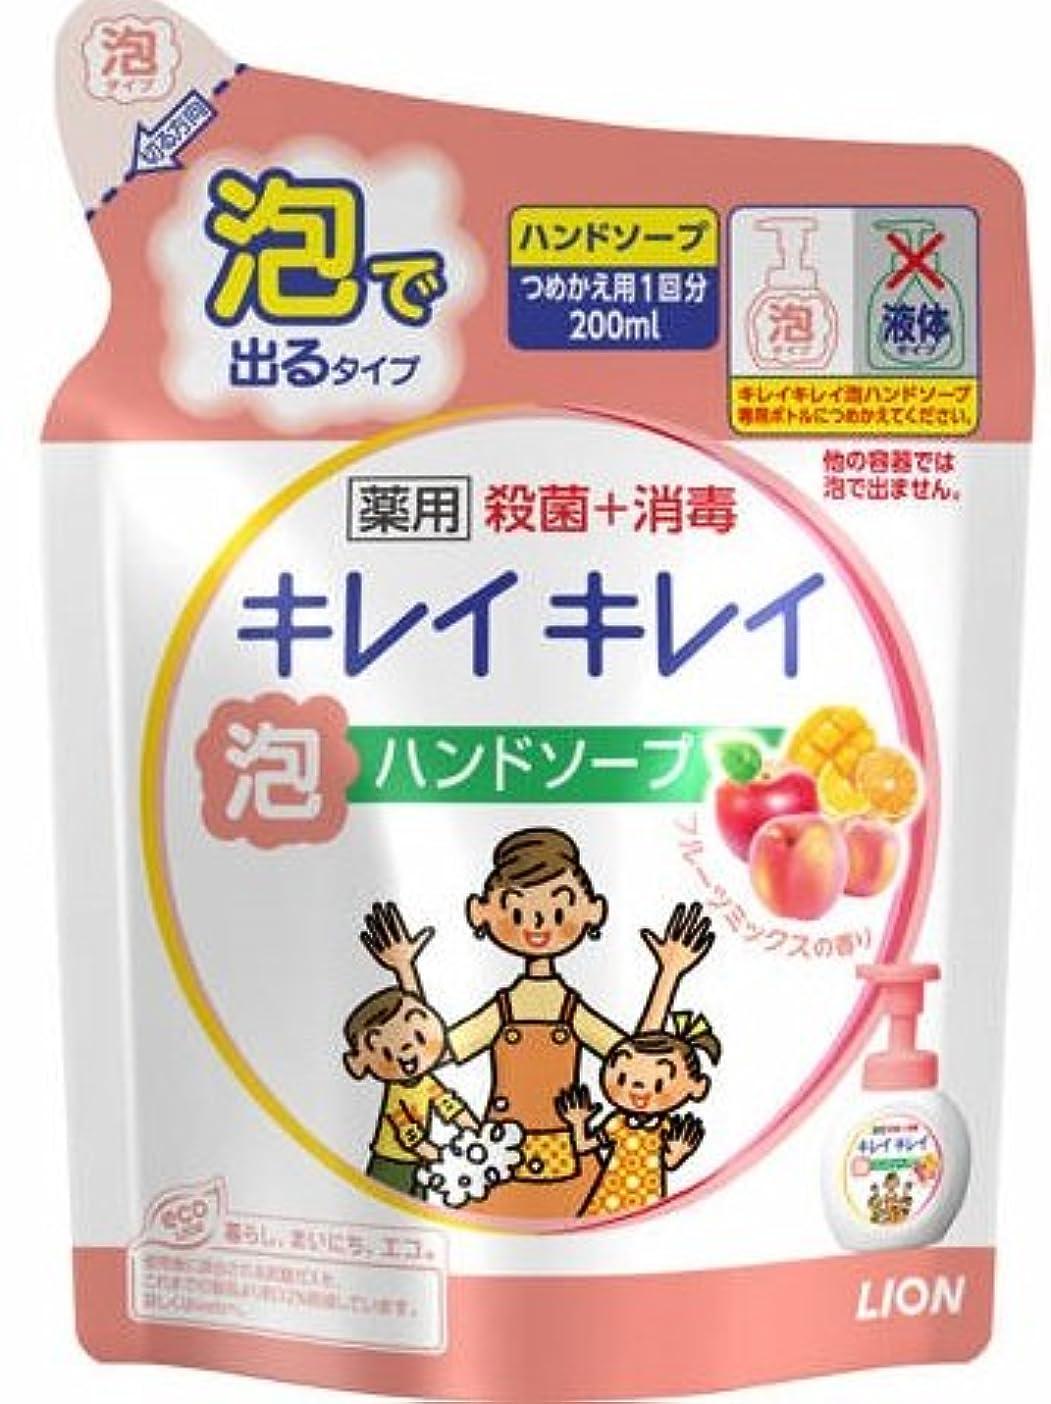 剃る言い聞かせるカタログキレイキレイ 薬用泡ハンドソープ フルーツミックスの香り つめかえ用 通常サイズ 200ml ×10個セット